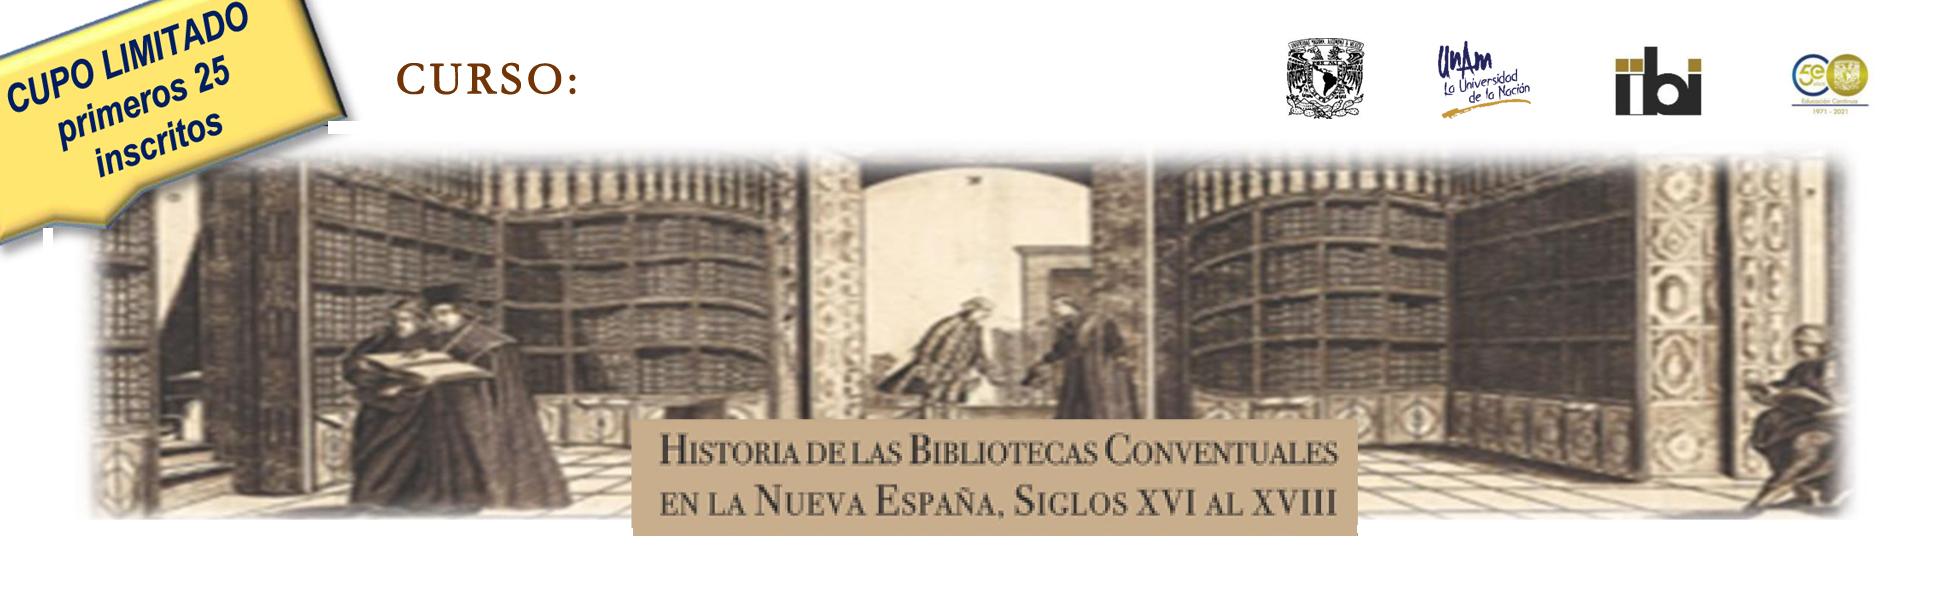 Historia de las bibliotecas conventuales en la Nueva España, Siglos XVI al XVIII